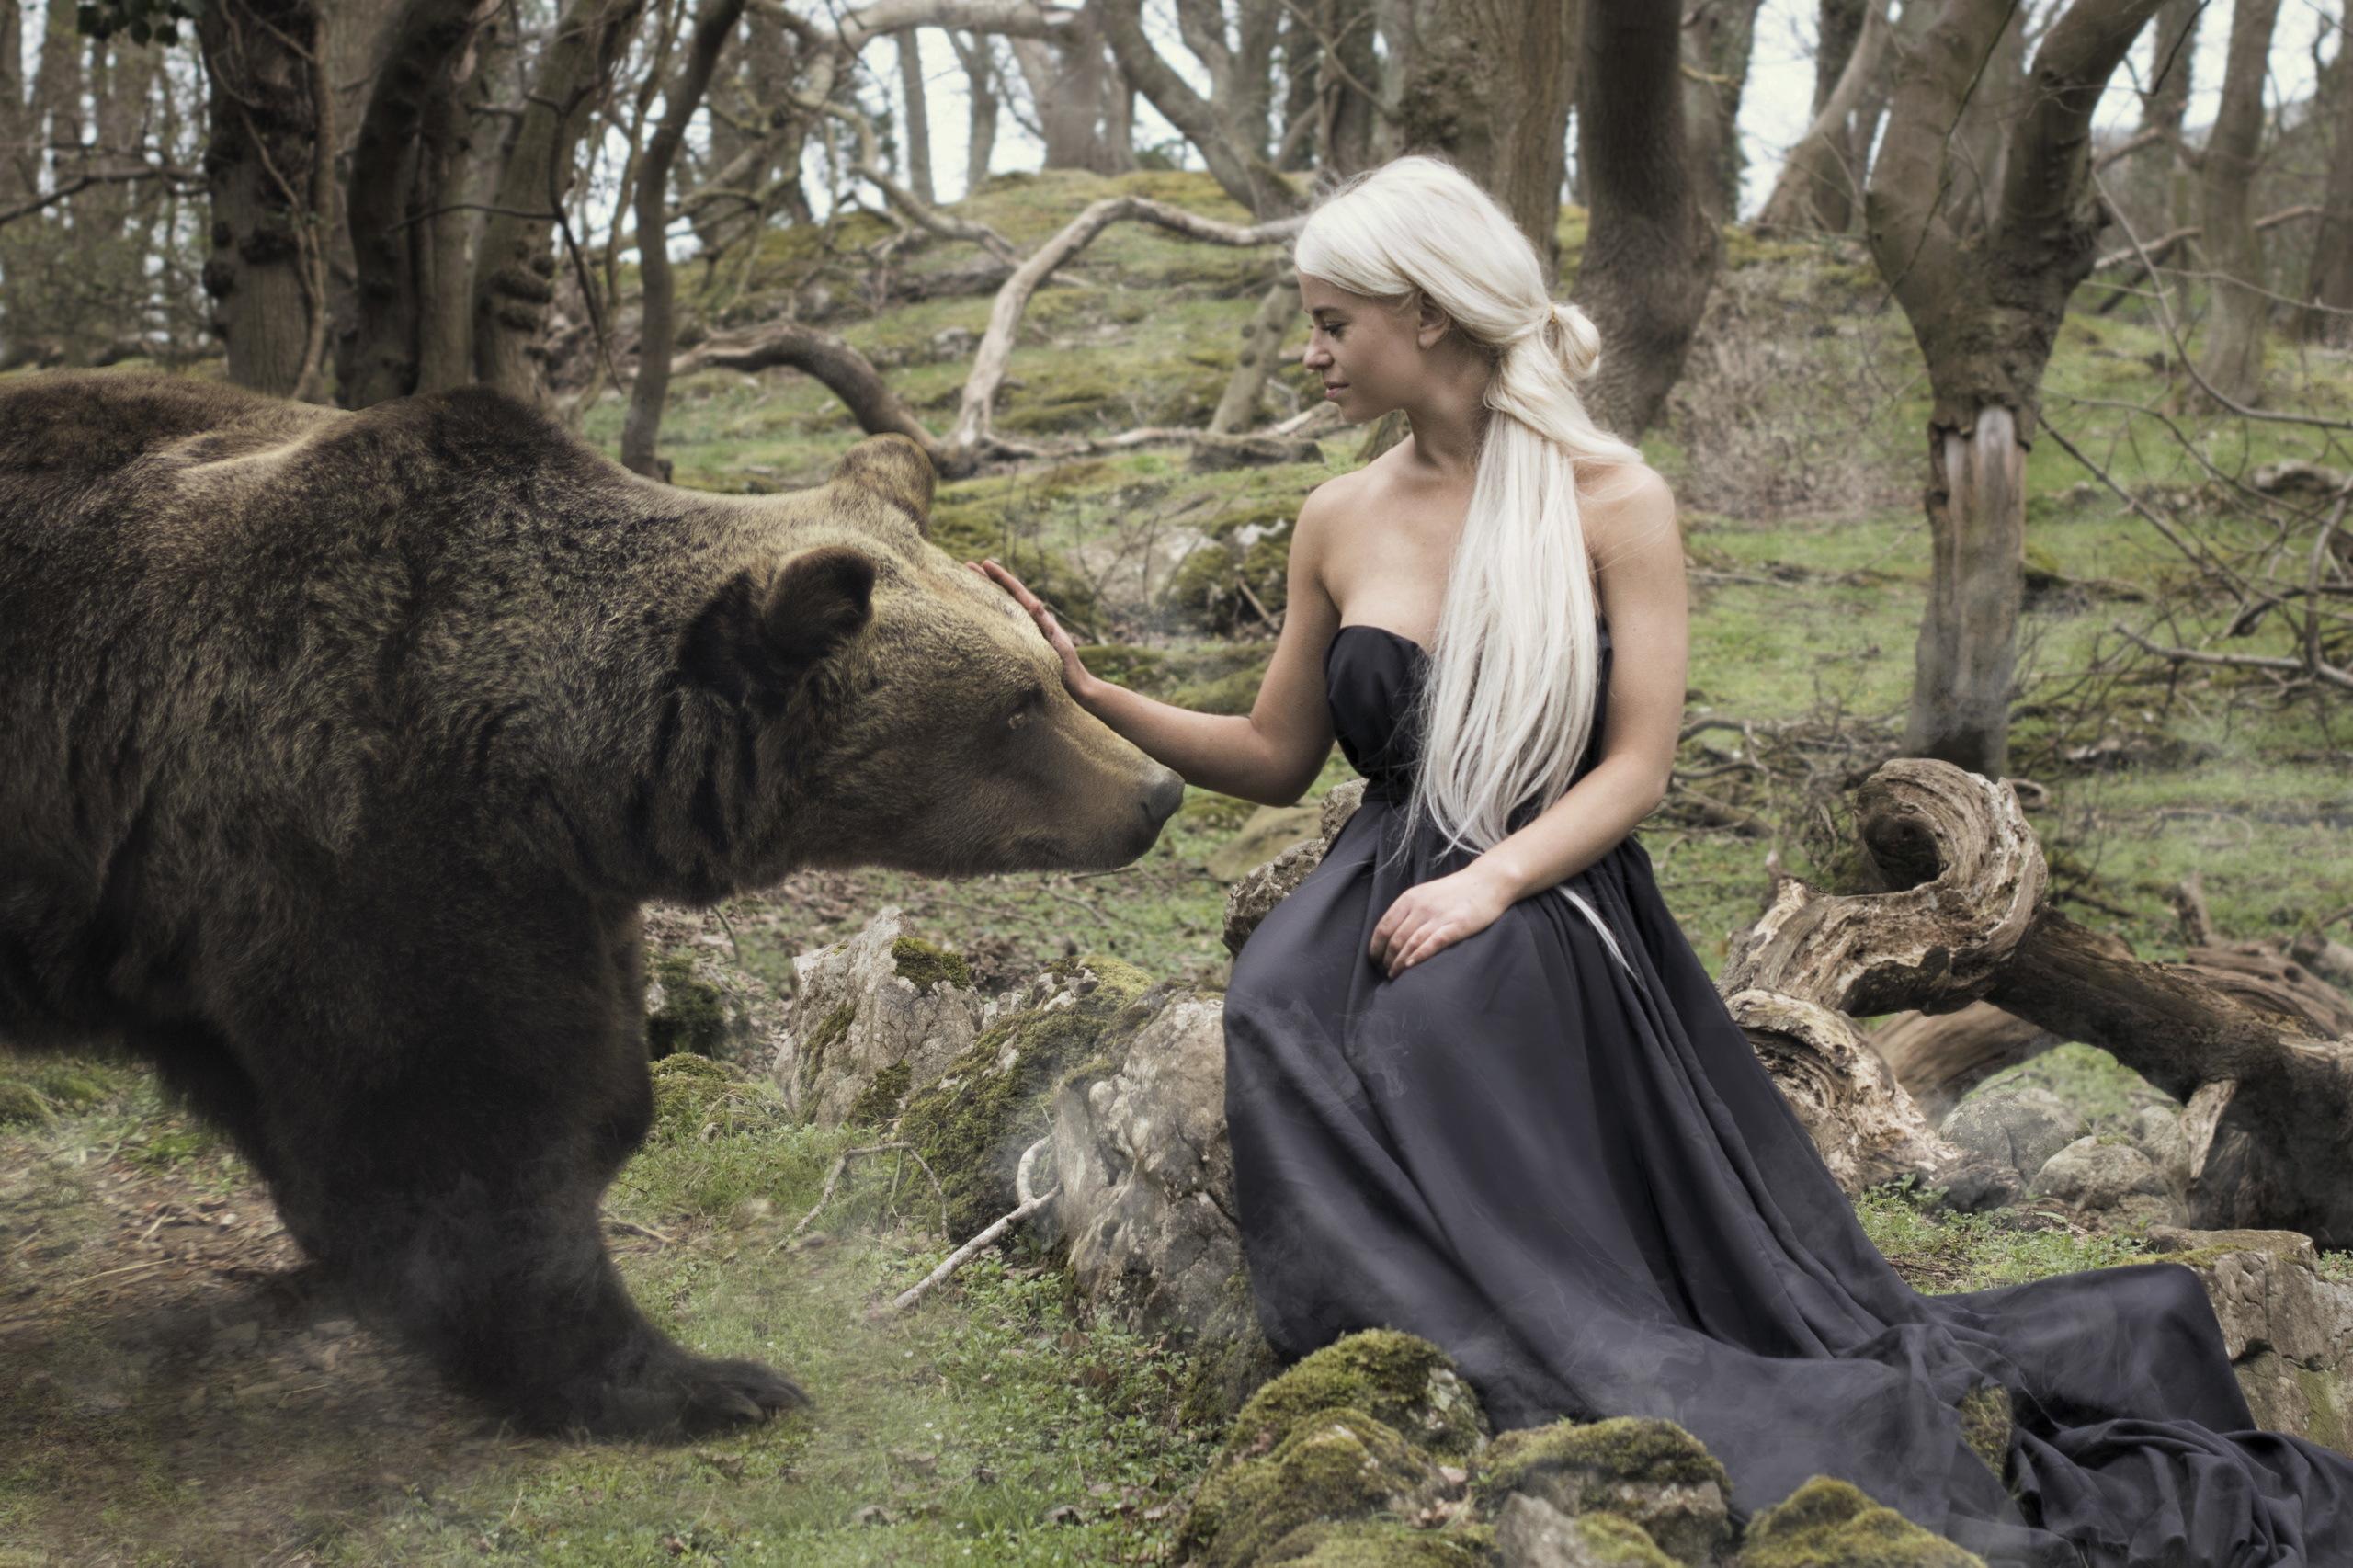 Bakgrunnsbilder til skrivebordet Brunbjørn bjørn Blond jente ung kvinne Sitter Dyr Blonde Bjørner Unge kvinner